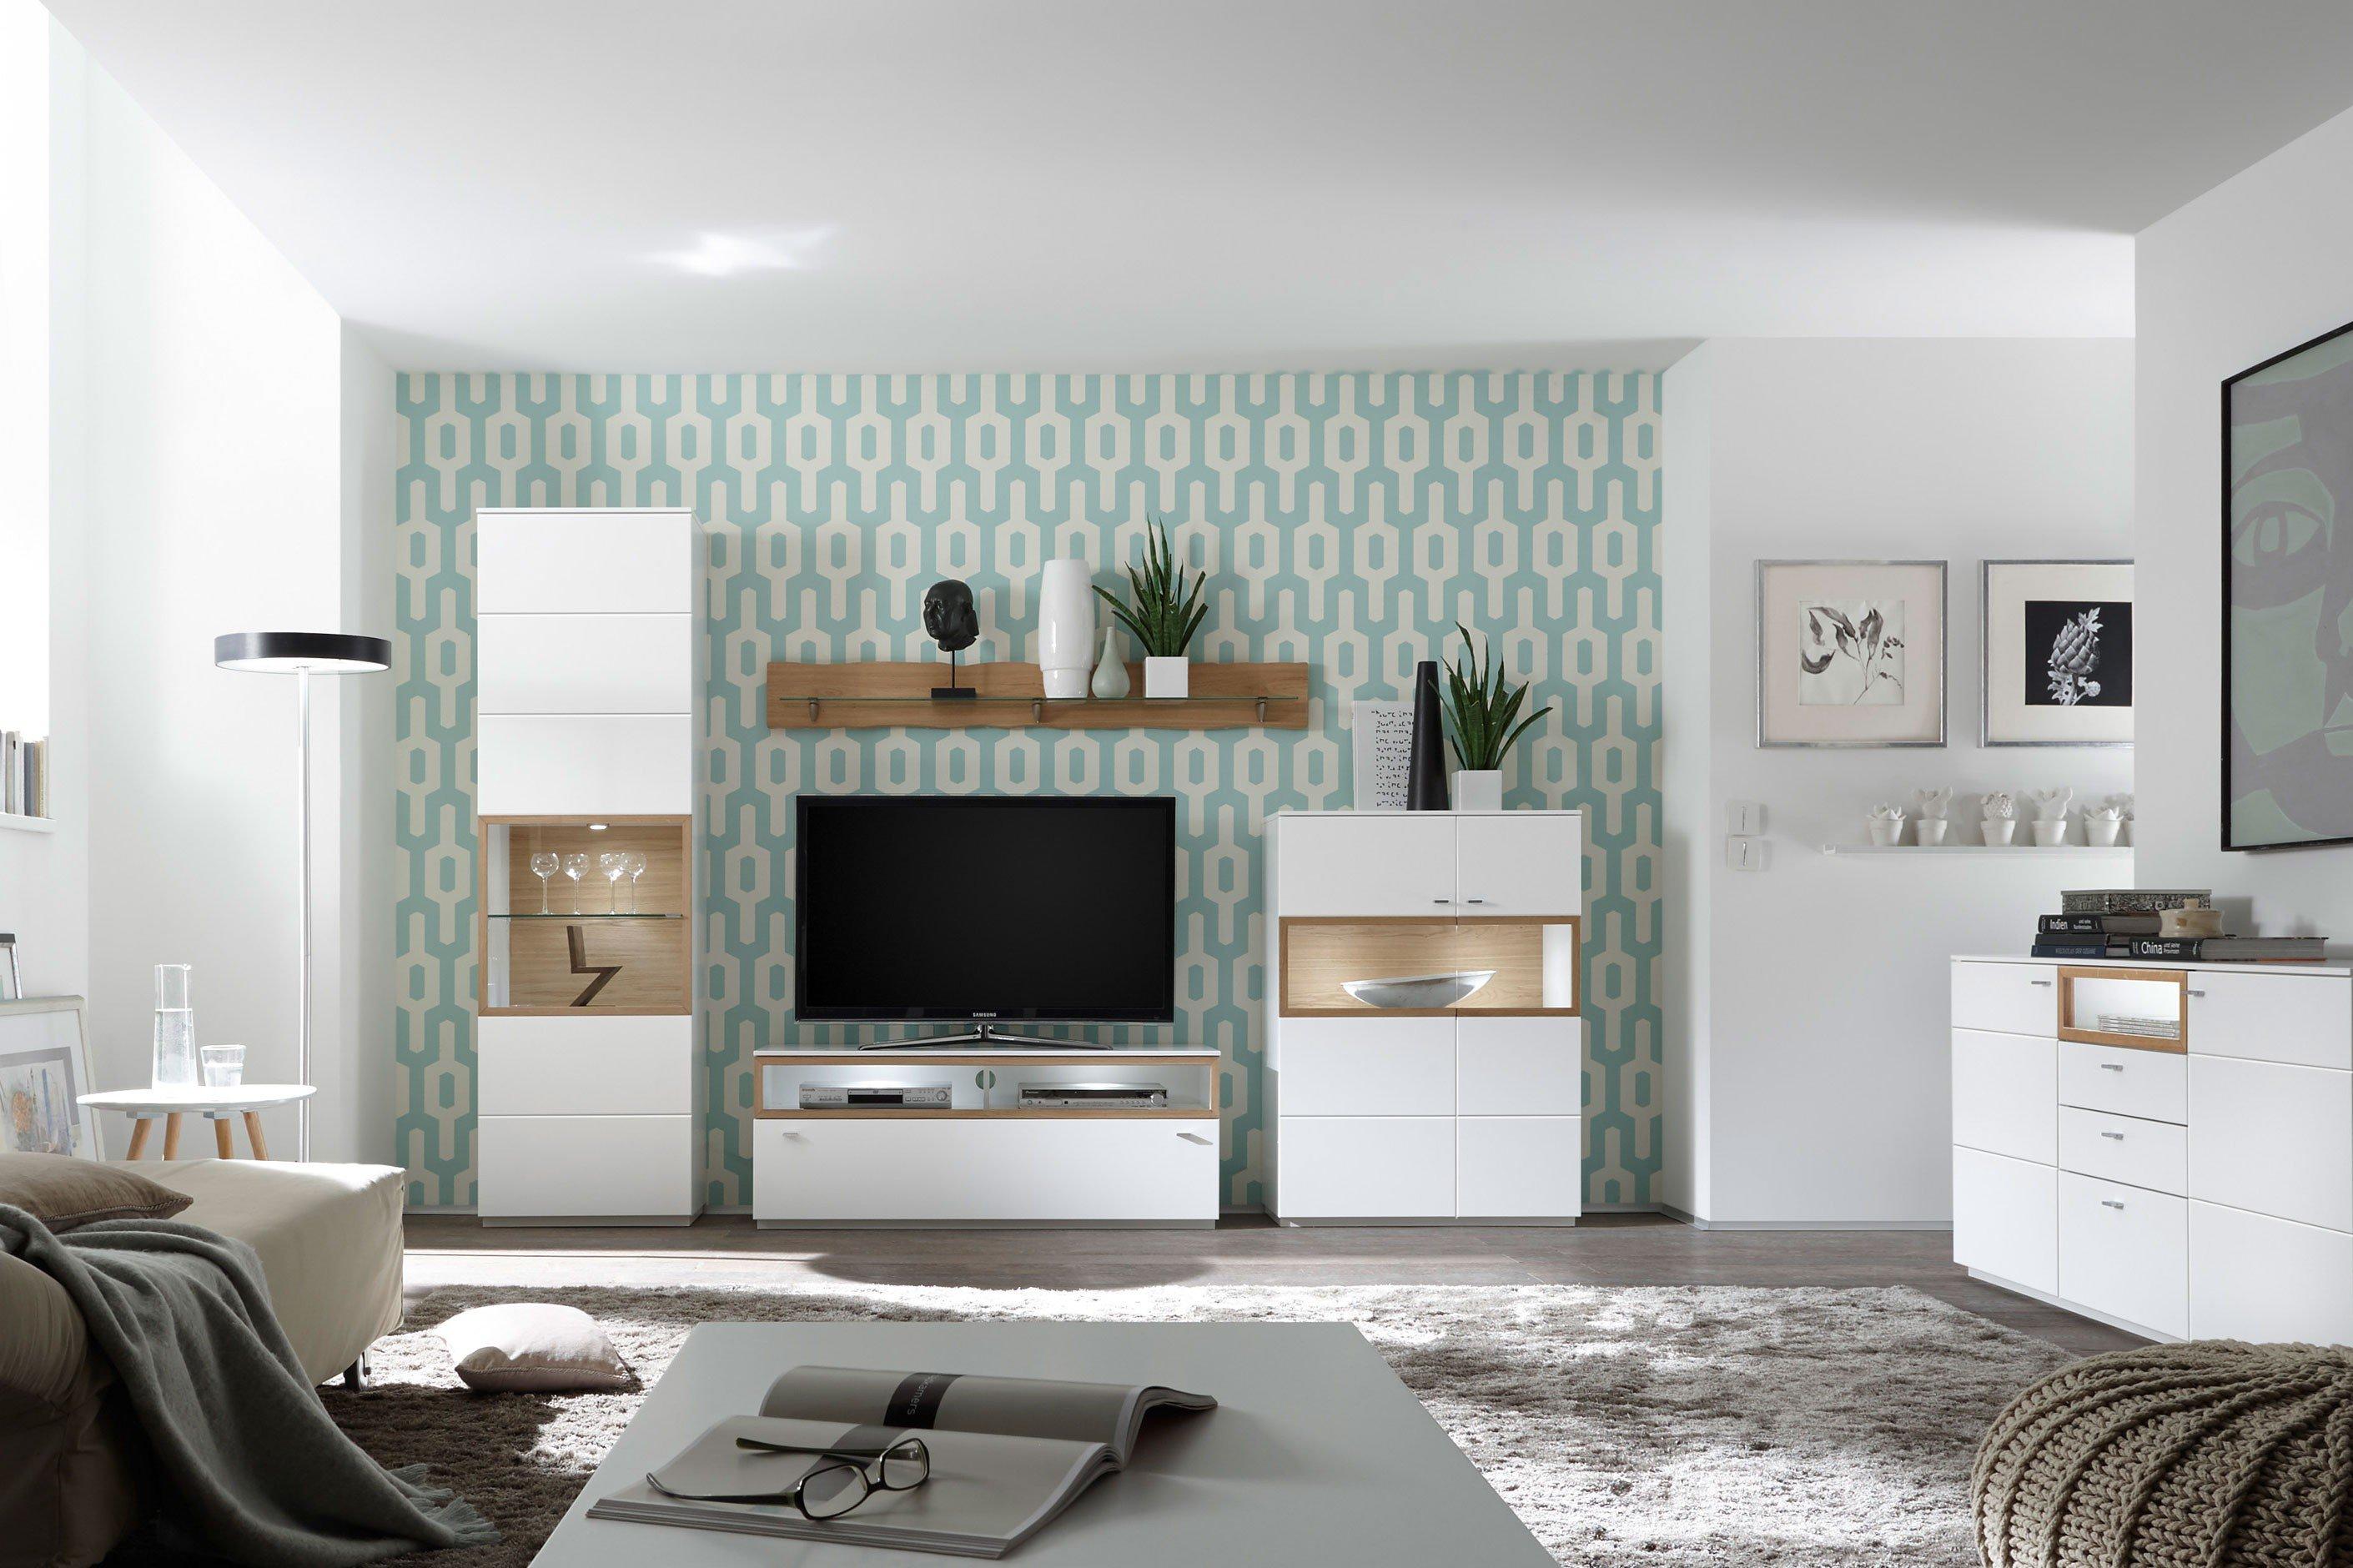 Quadrato Wohnwand Milano weiß/ Wildeiche bianco | Möbel Letz - Ihr ...